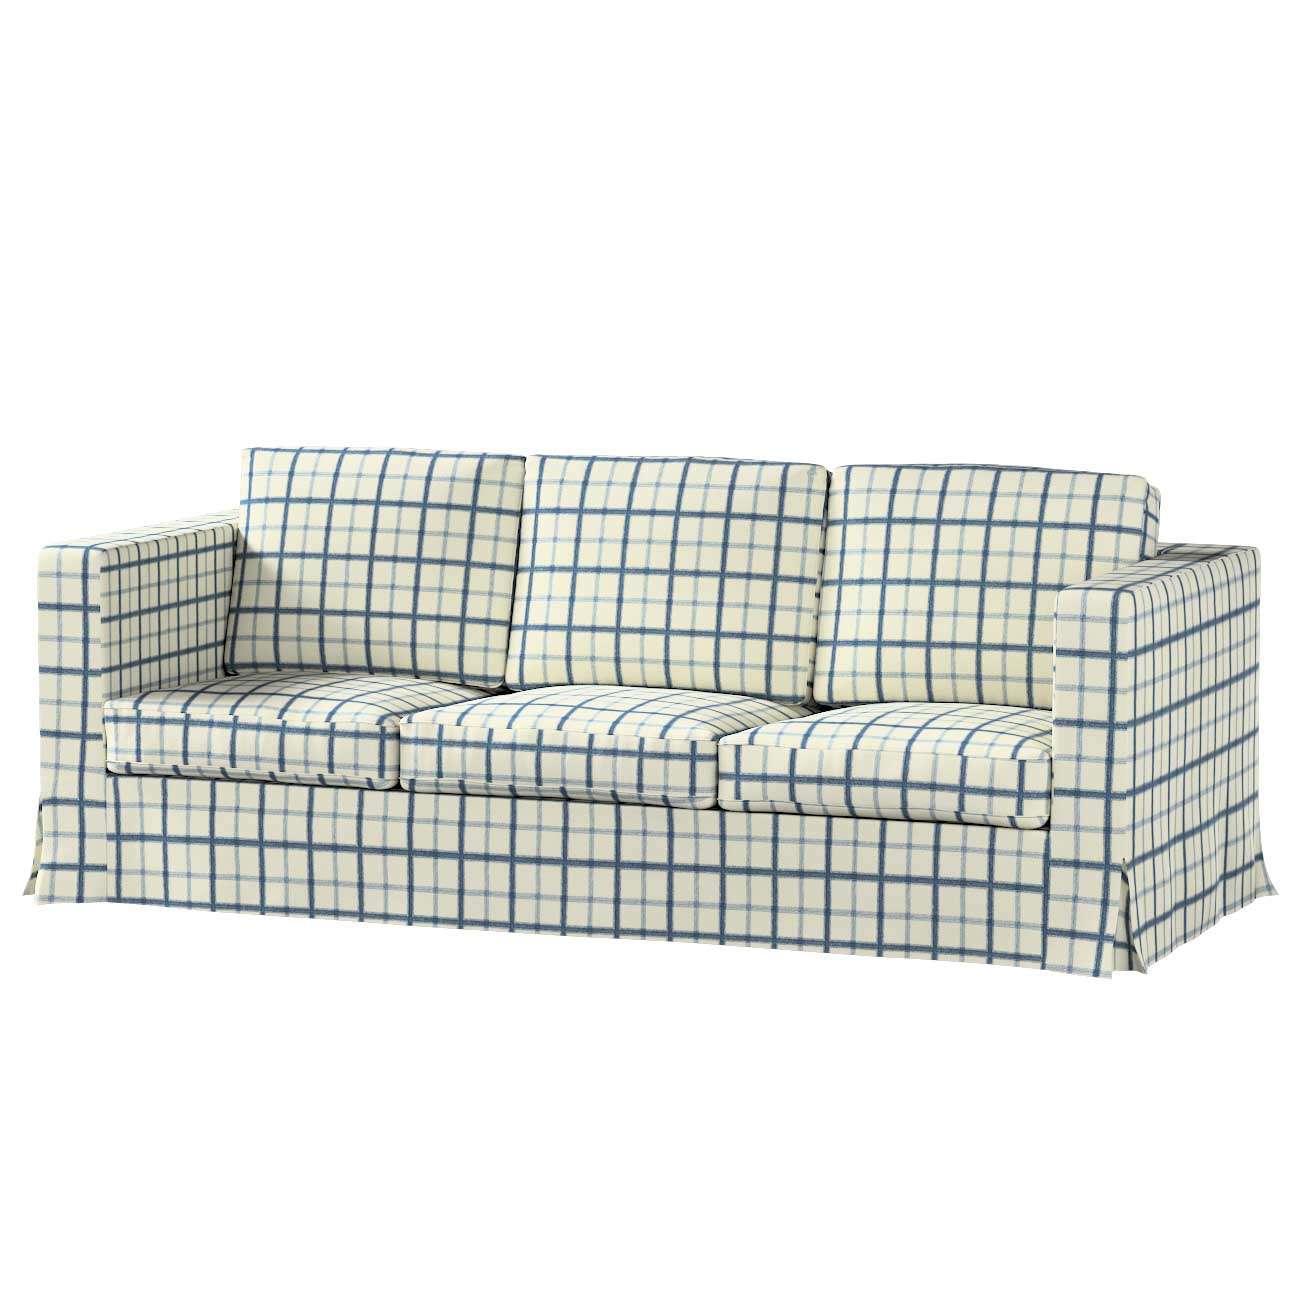 Karlanda 3-Sitzer Sofabezug nicht ausklappbar lang von der Kollektion Avinon, Stoff: 131-66